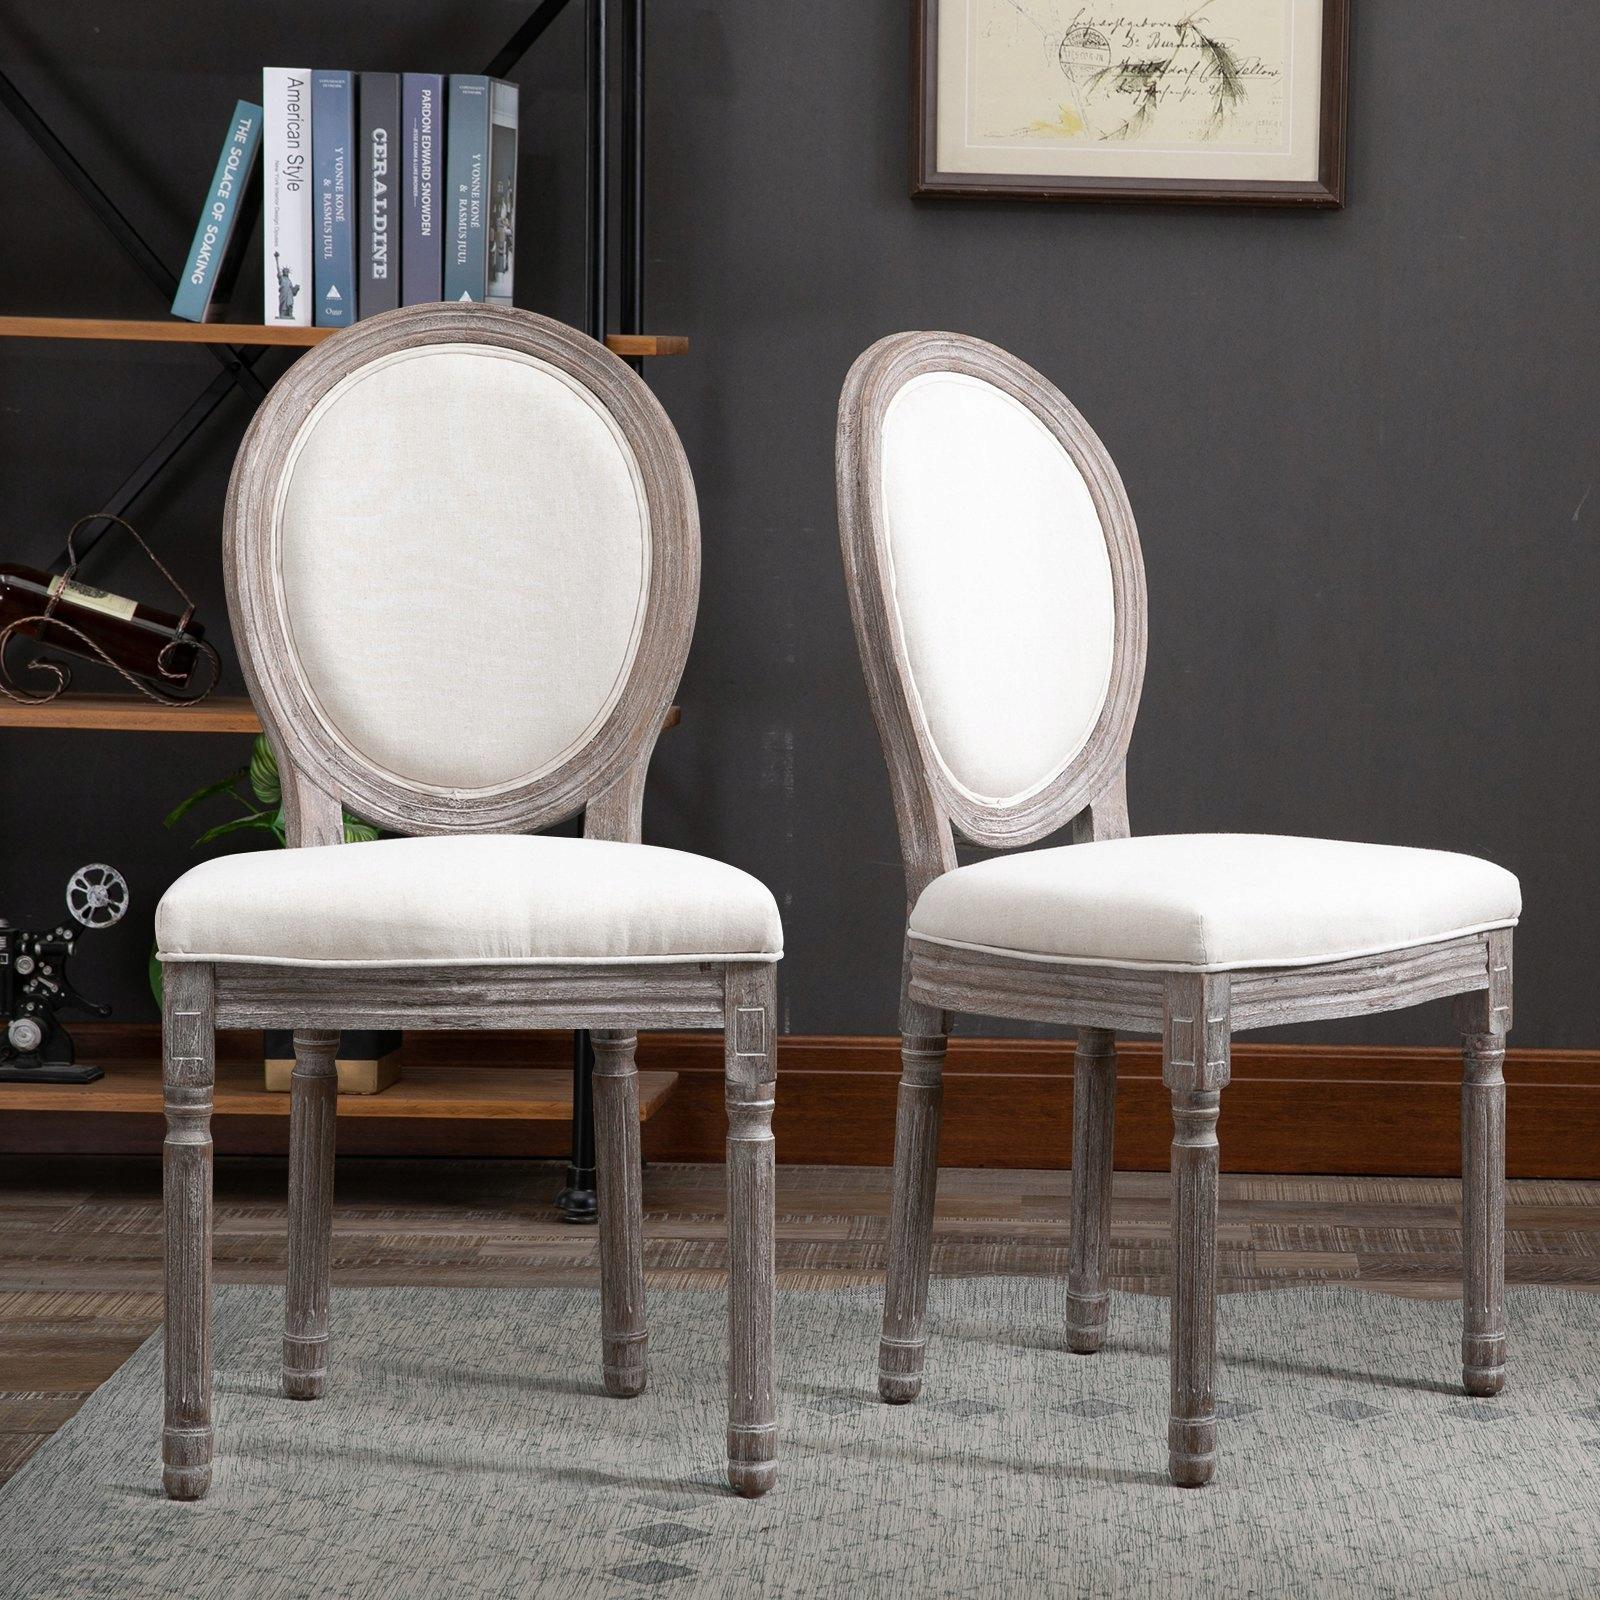 Sada 2 retro jedálenských stoličiek -835-114